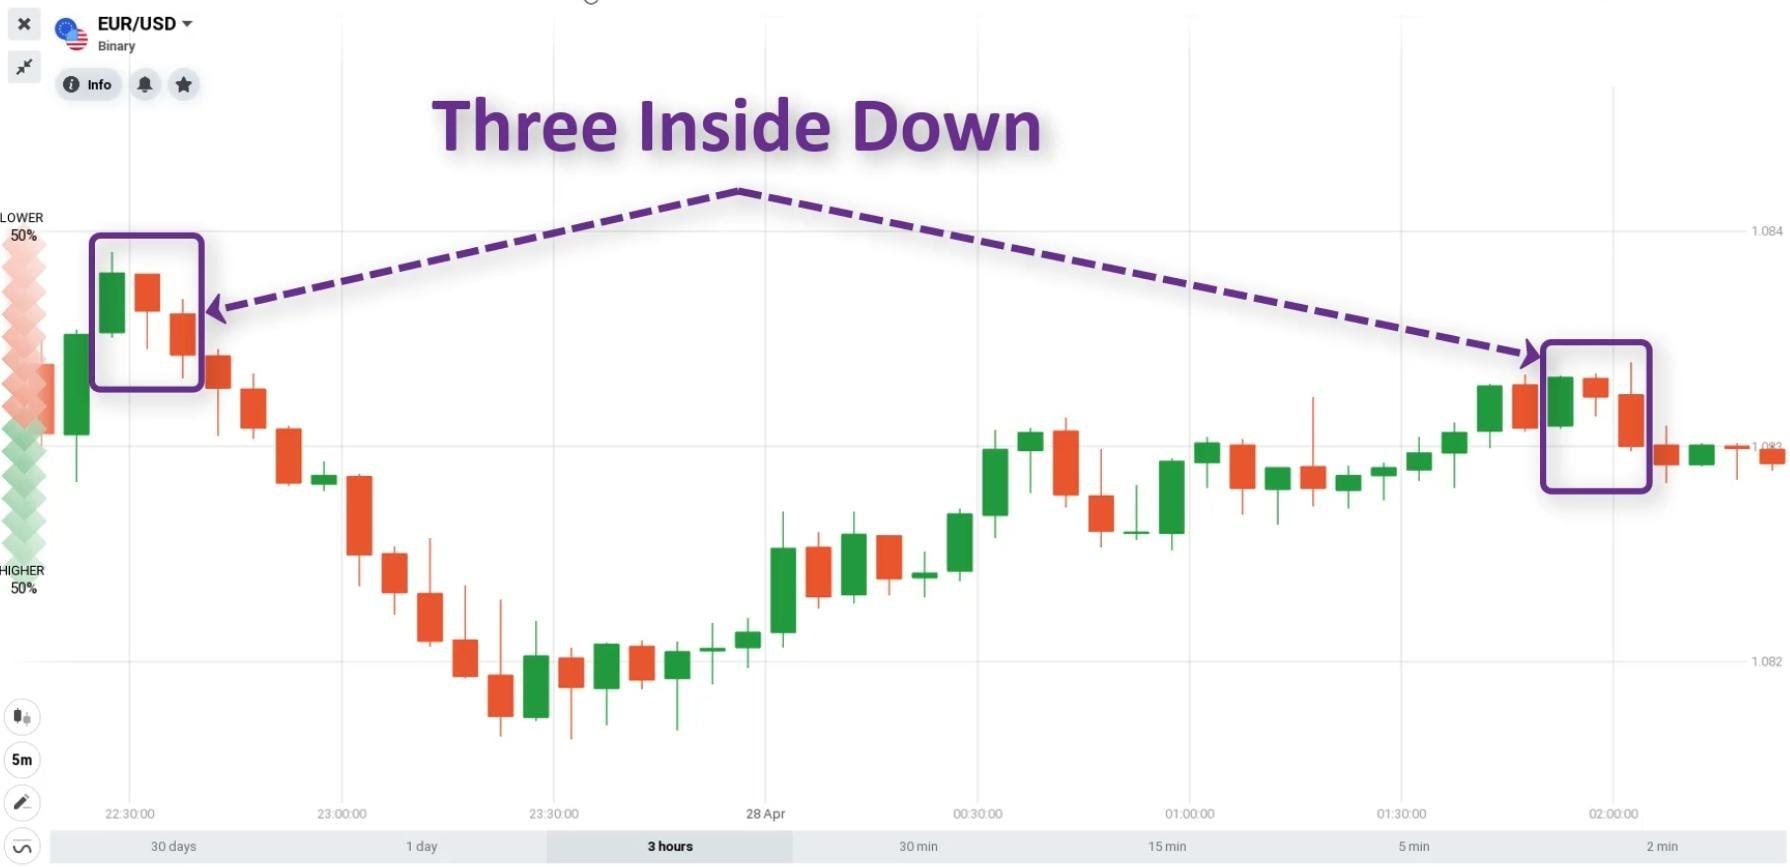 Cách xuất hiện của mô hình nến Three Inside Down trên biểu đồ giá nến Nhật